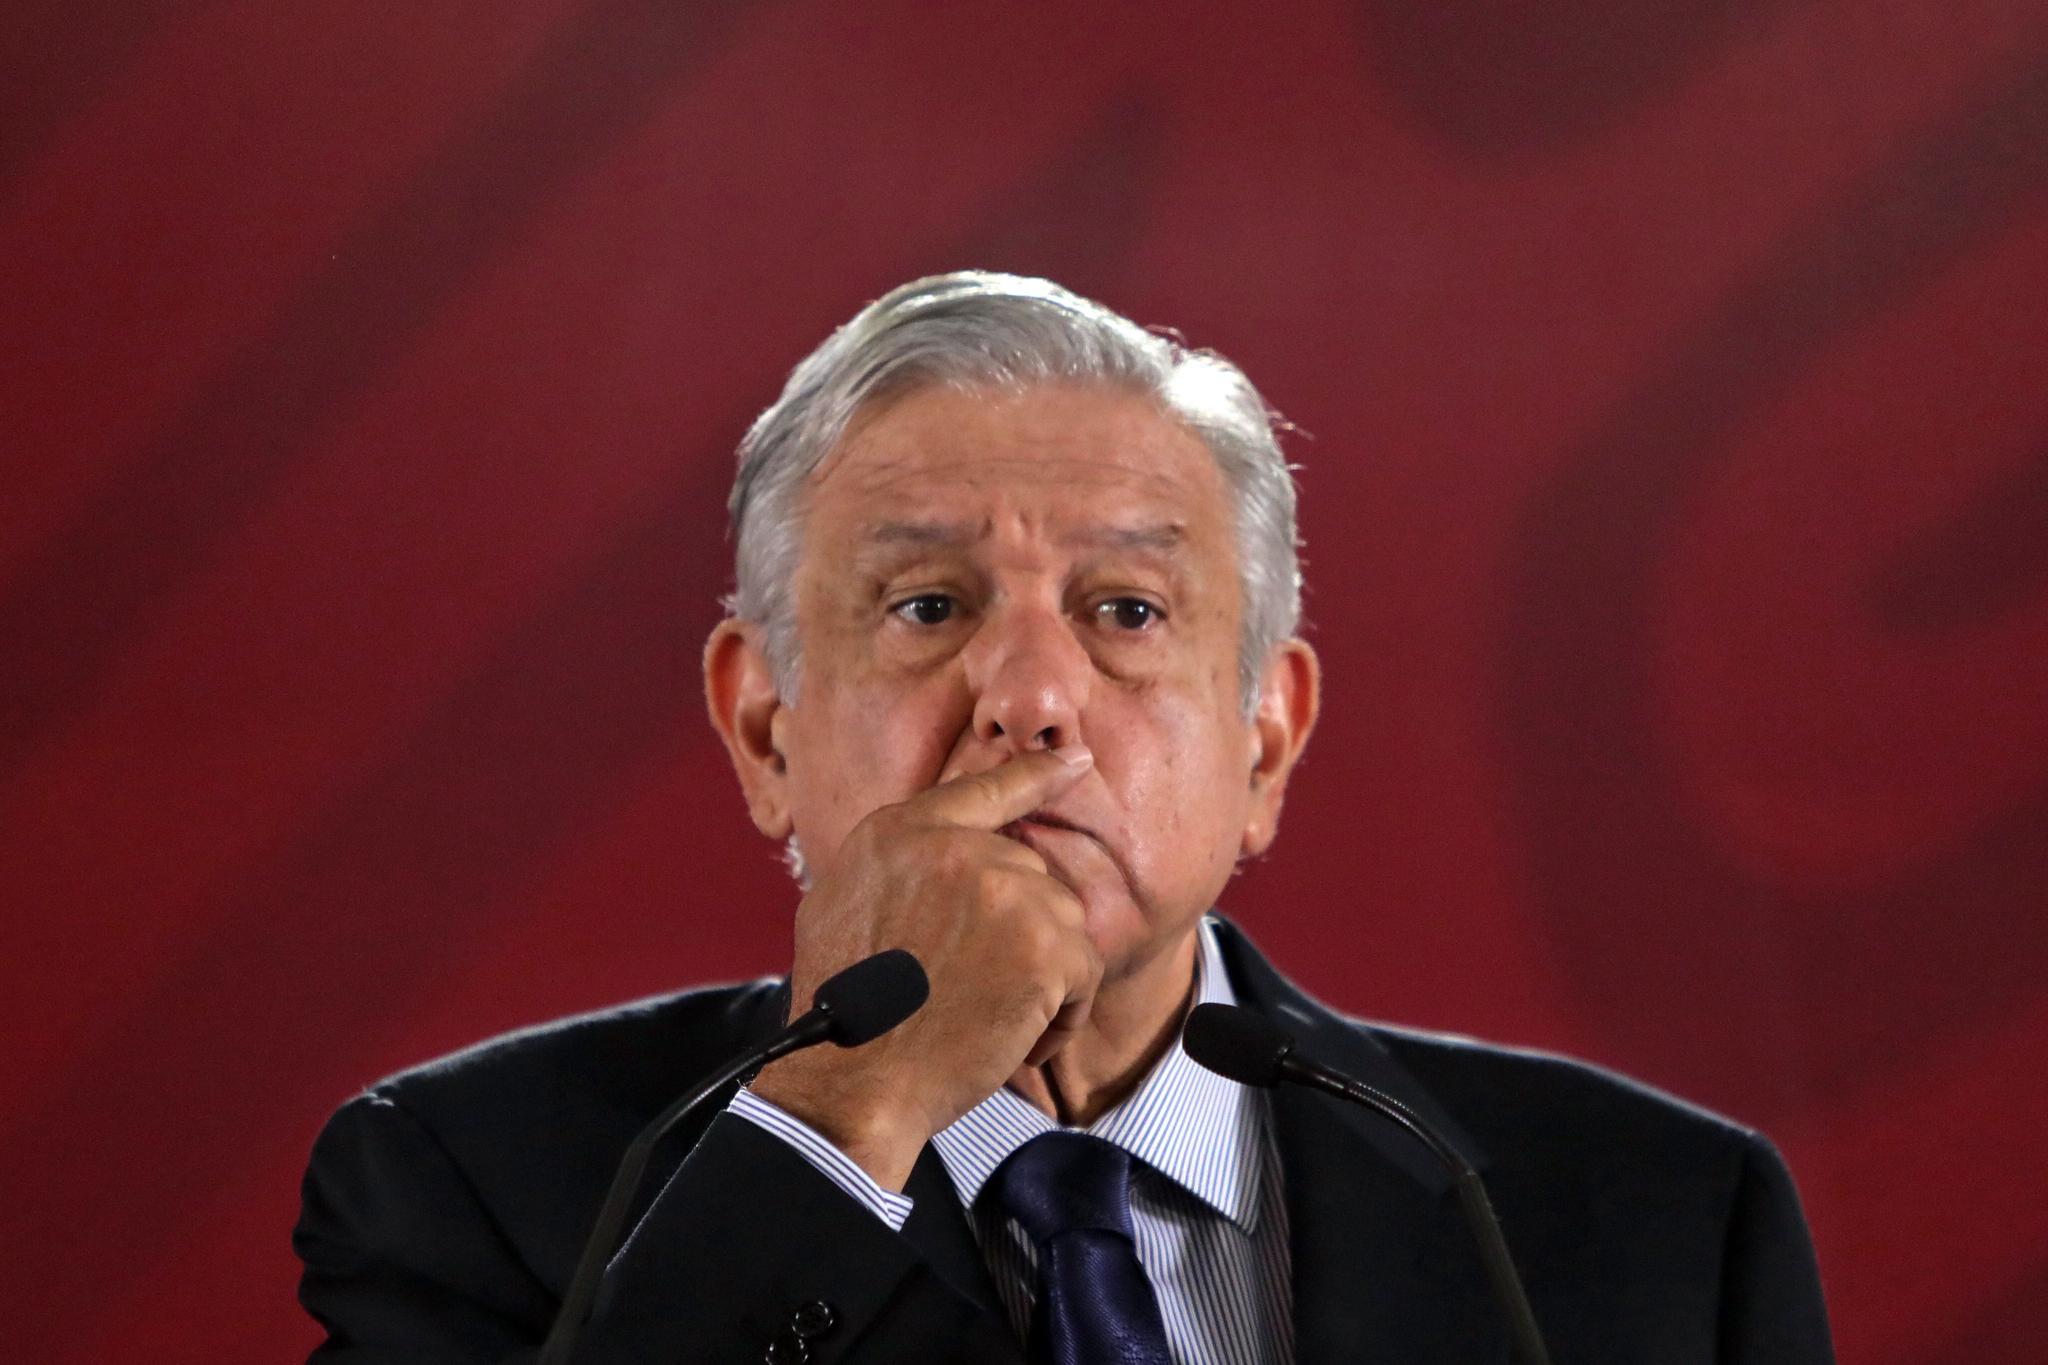 안드레스 마누엘 로페스 오브라도르 (Andres Manuel Lopez Obrador) 멕시코 대통령. [EPA=연합뉴스]